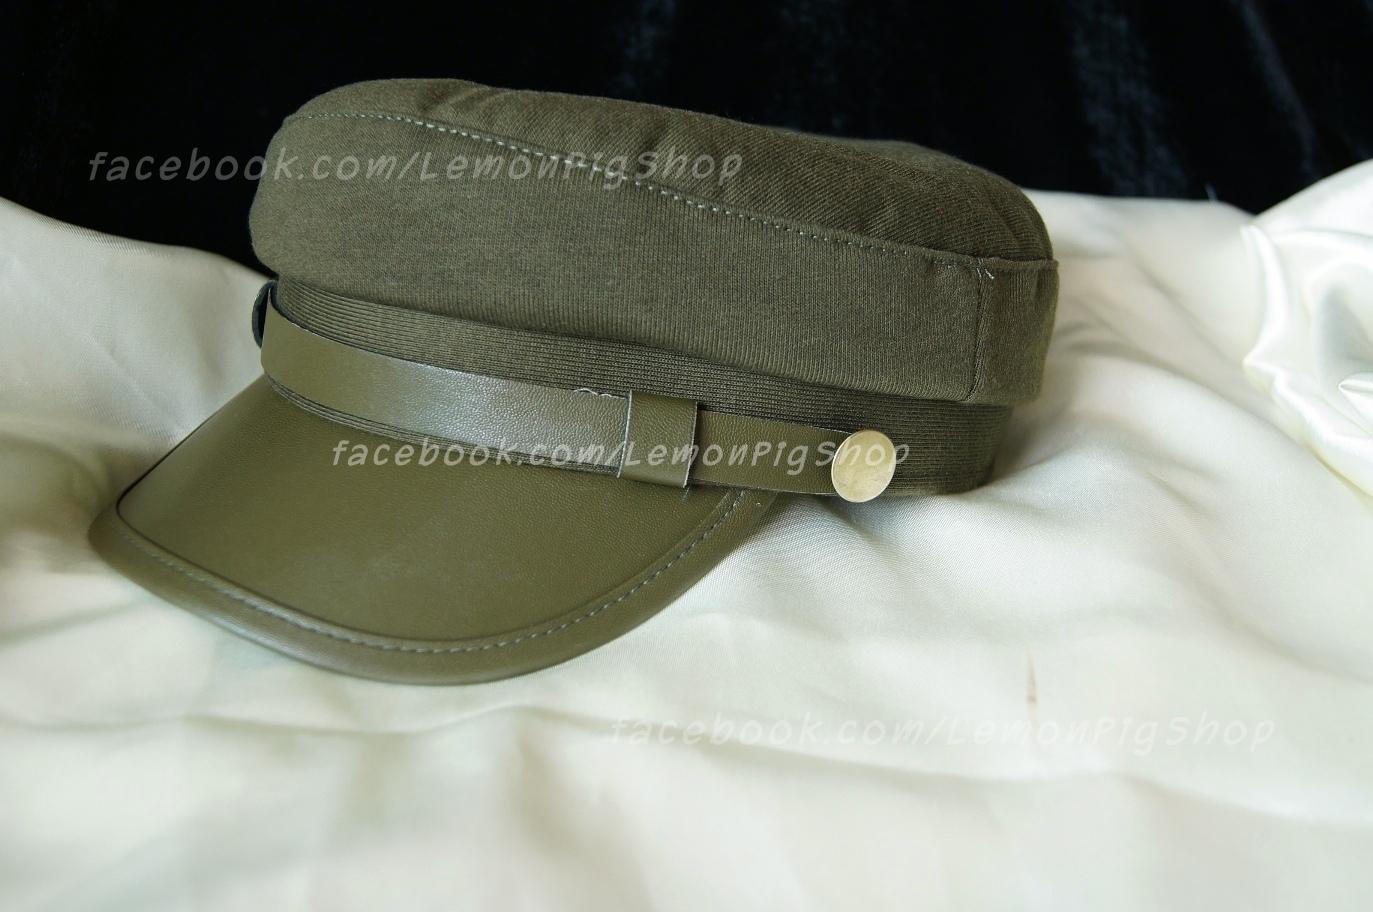 หมวกโกโบริ หมวกกัปตัน ผ้า ปีกหน้าหนัง สีเขียวขี้ม้า โกโบริมากๆ